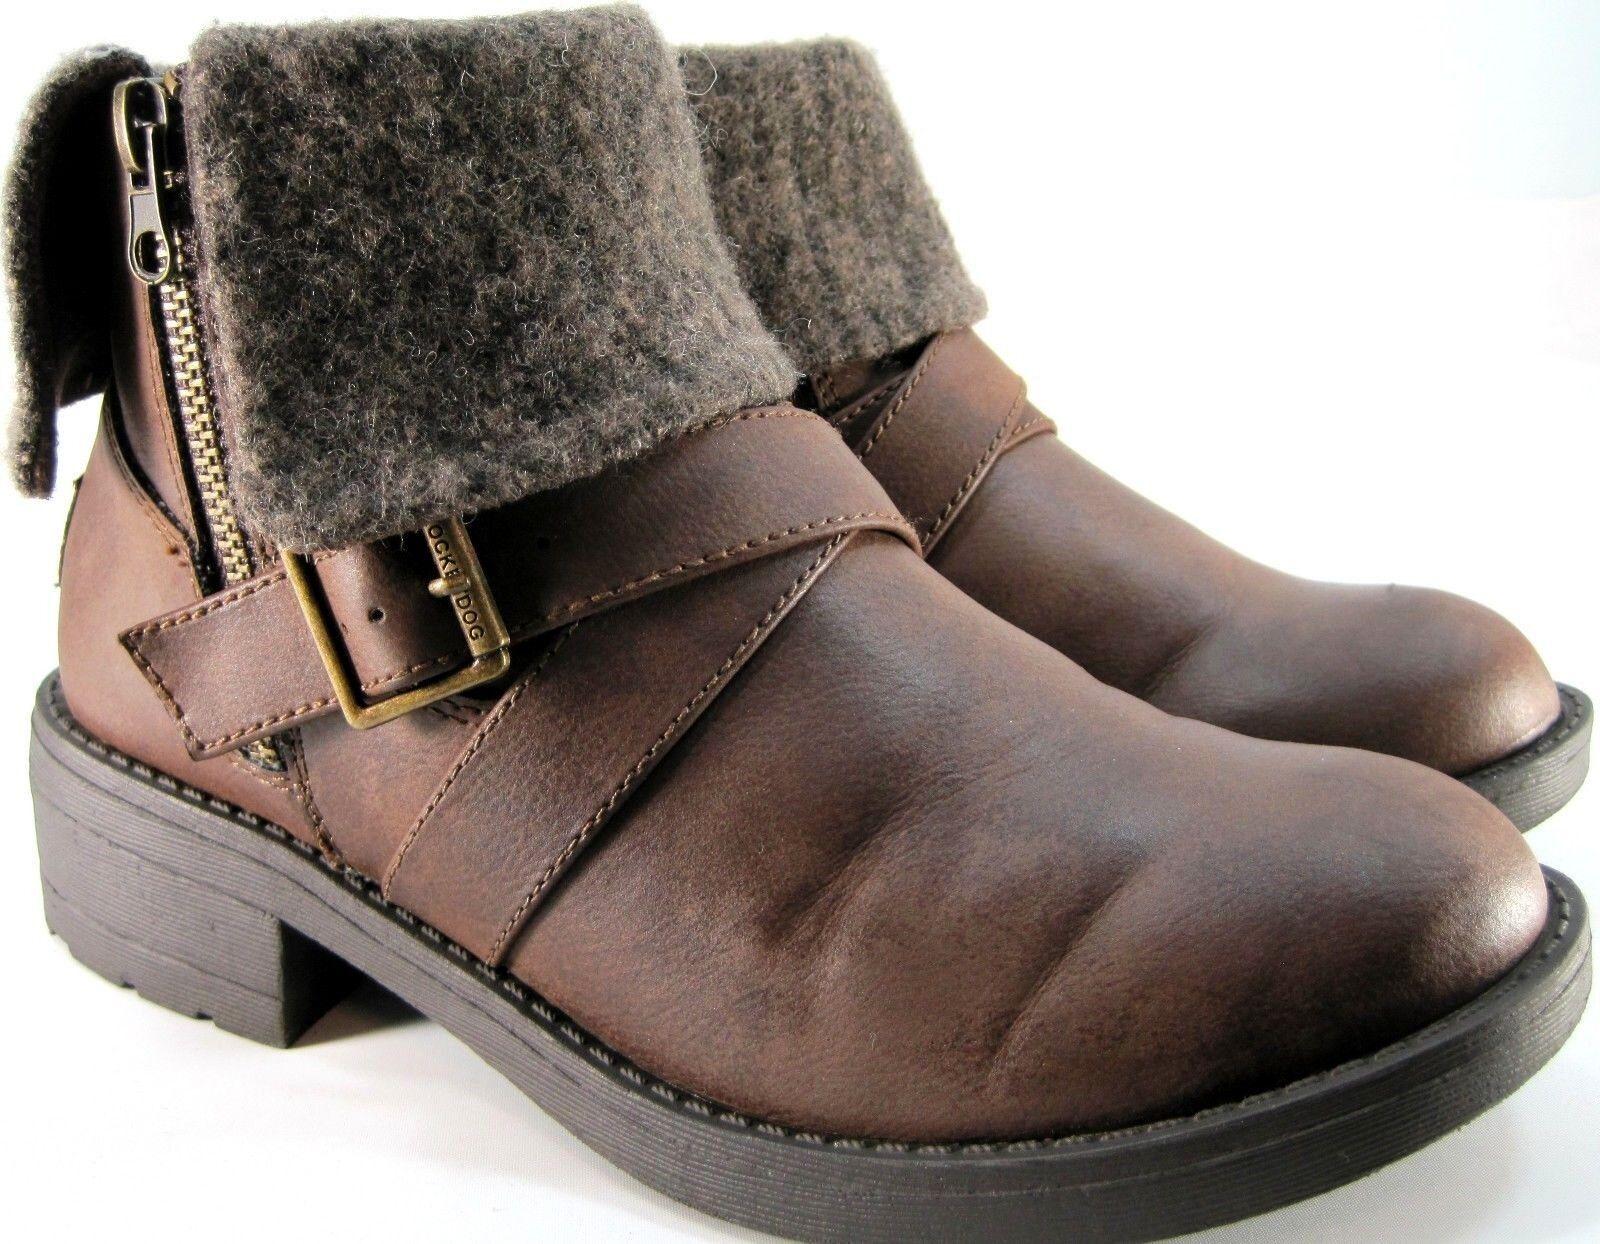 Rocket Dog Damens Ankle Stiefel Größe 6.5 M Euro 37 Braun Brass Zippers Buckle